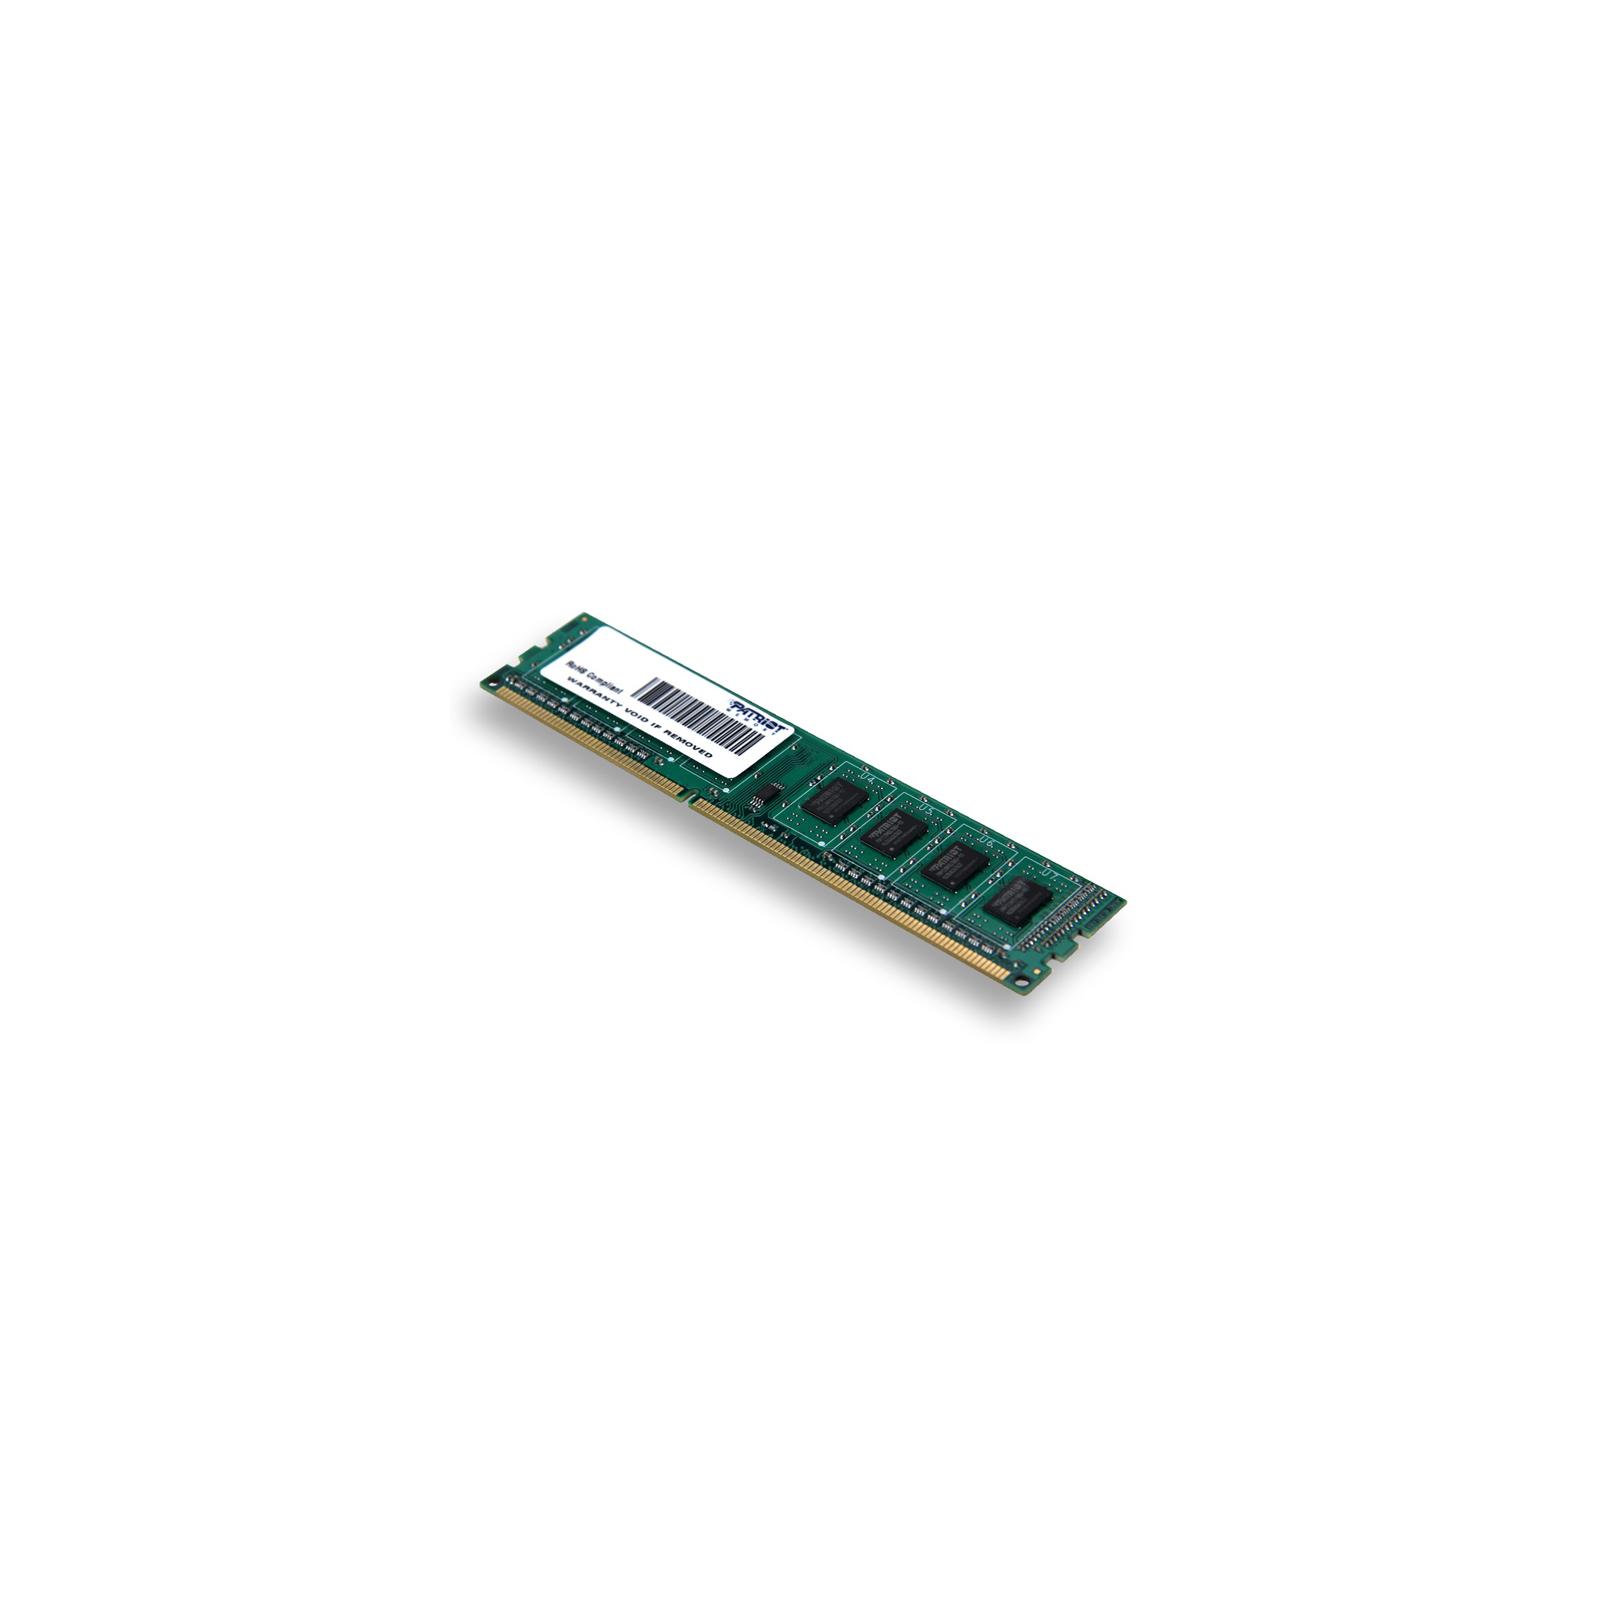 Модуль памяти для компьютера DDR3 4GB 1600 MHz Patriot (PSD34G1600L81) изображение 2